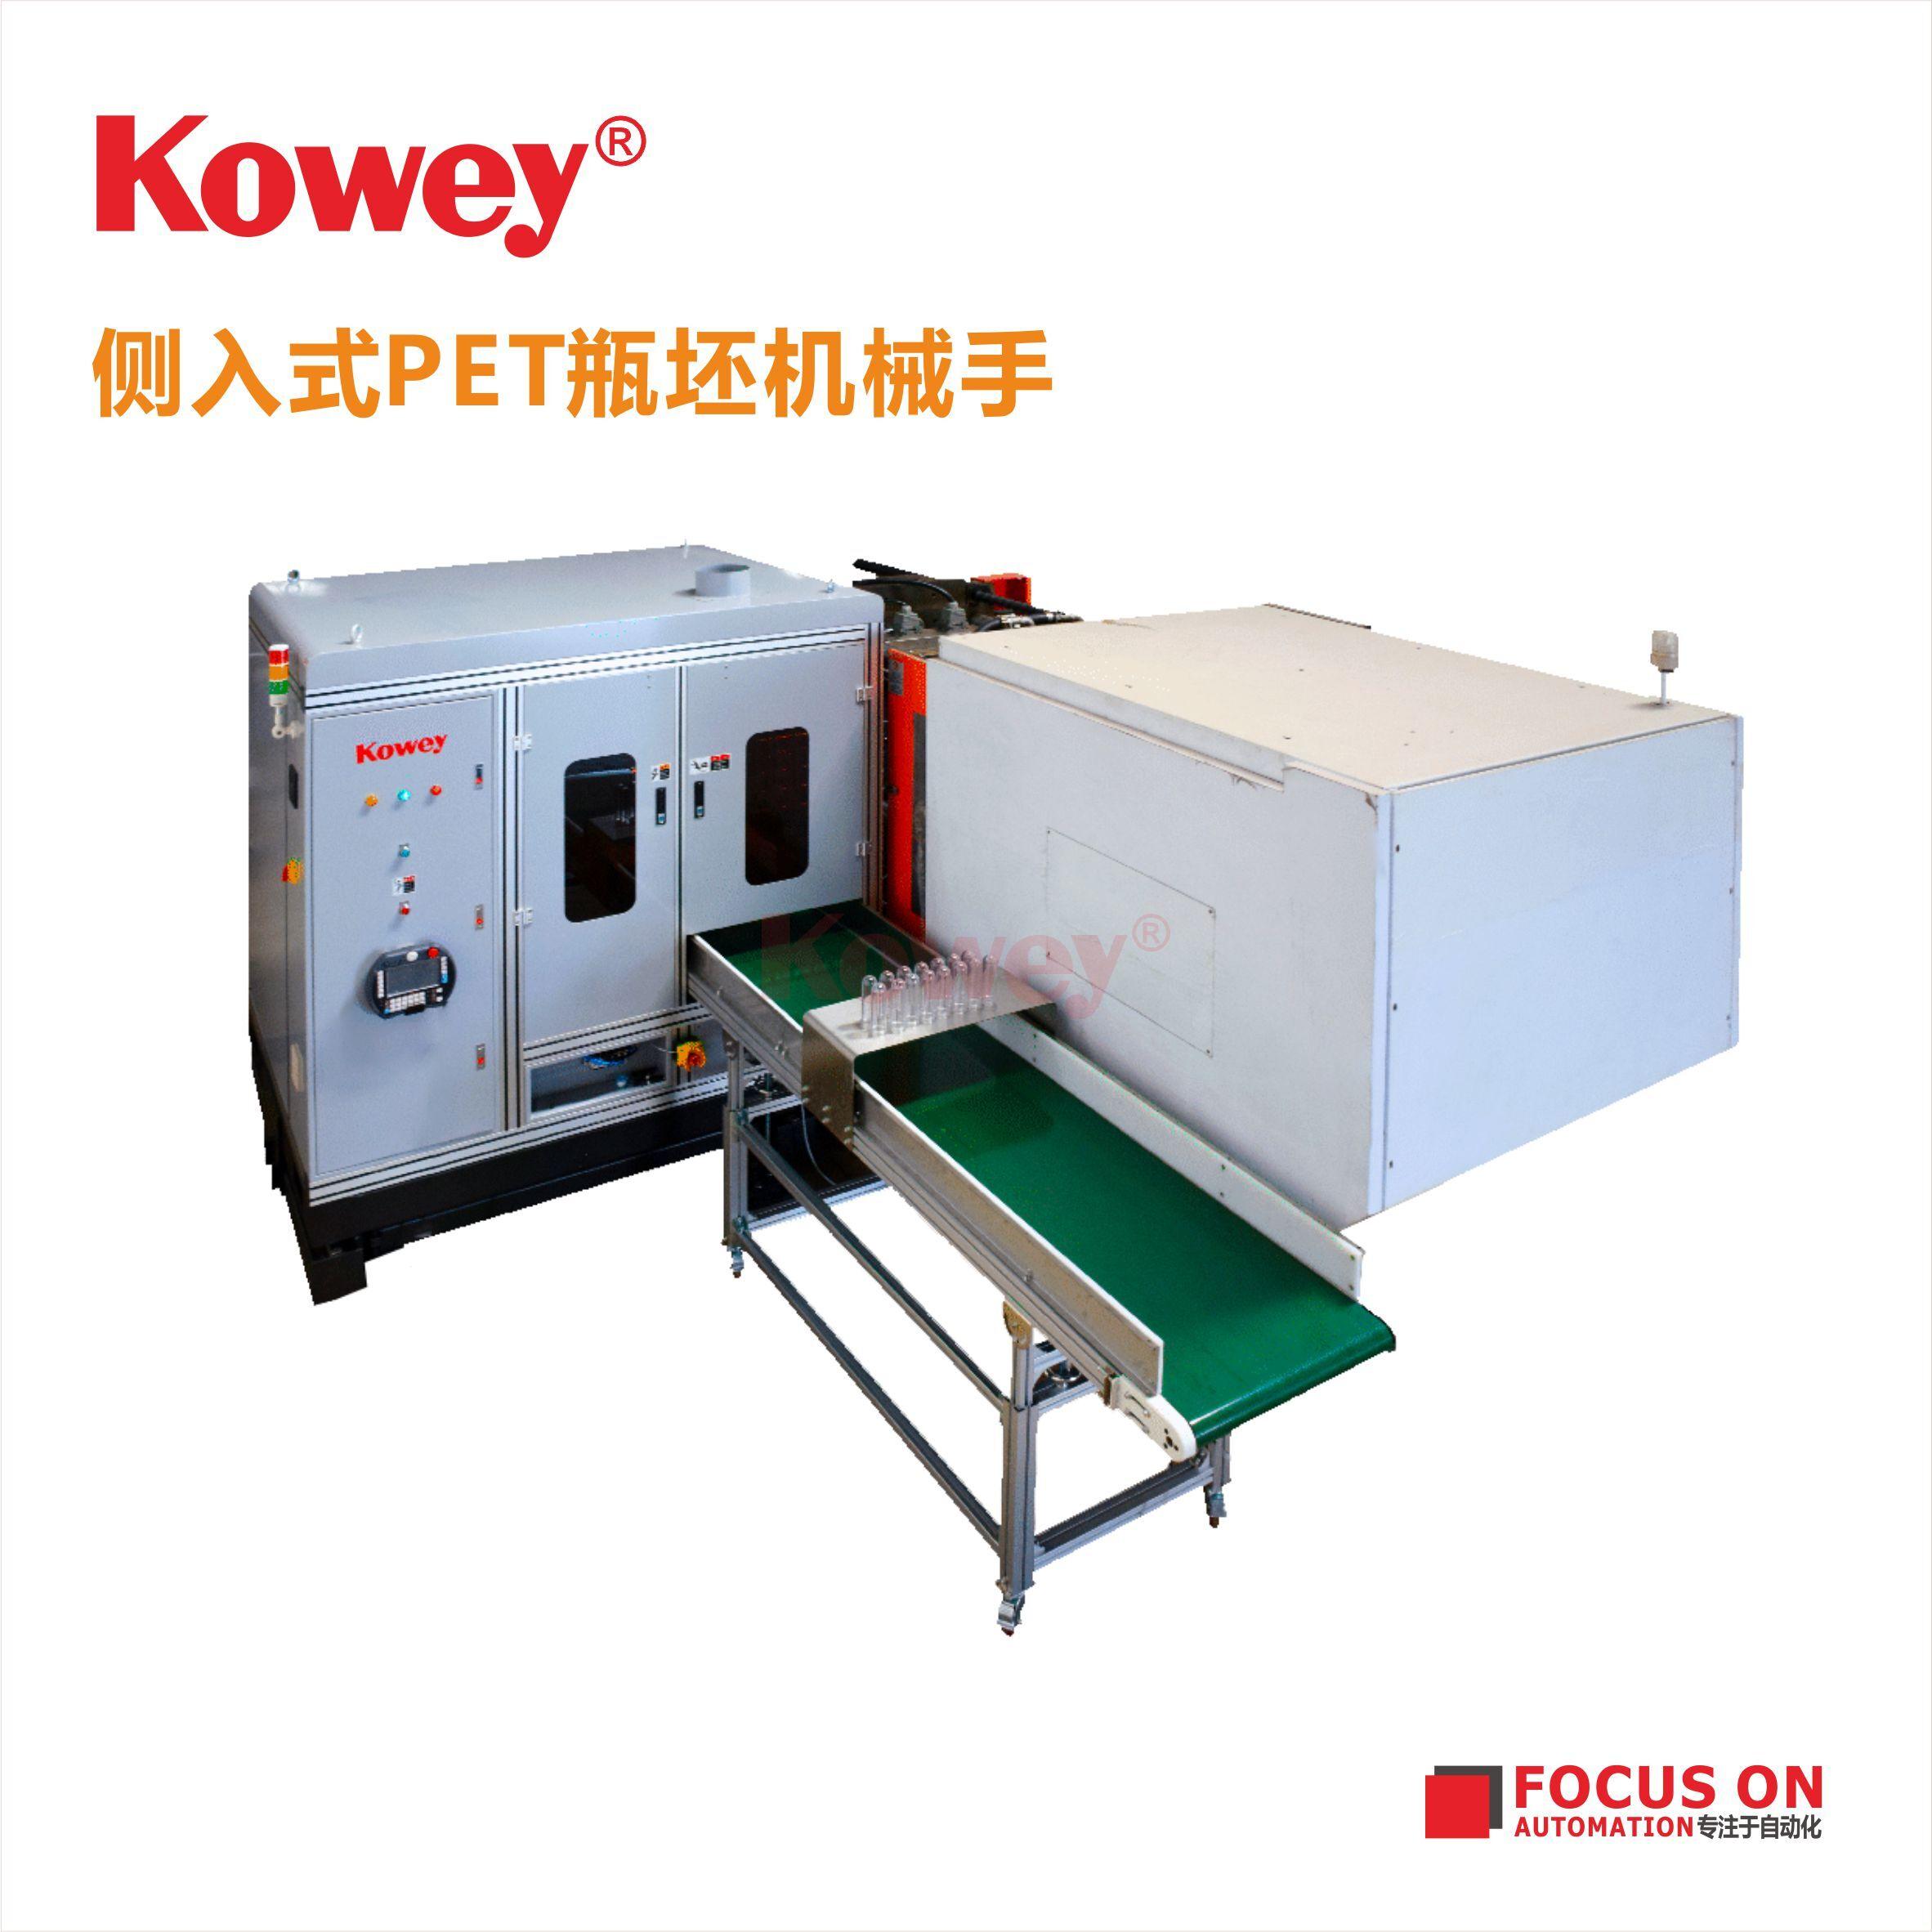 注塑機械手-瓶坯機械手-側入式PET瓶坯機械手-三工位冷卻機械手